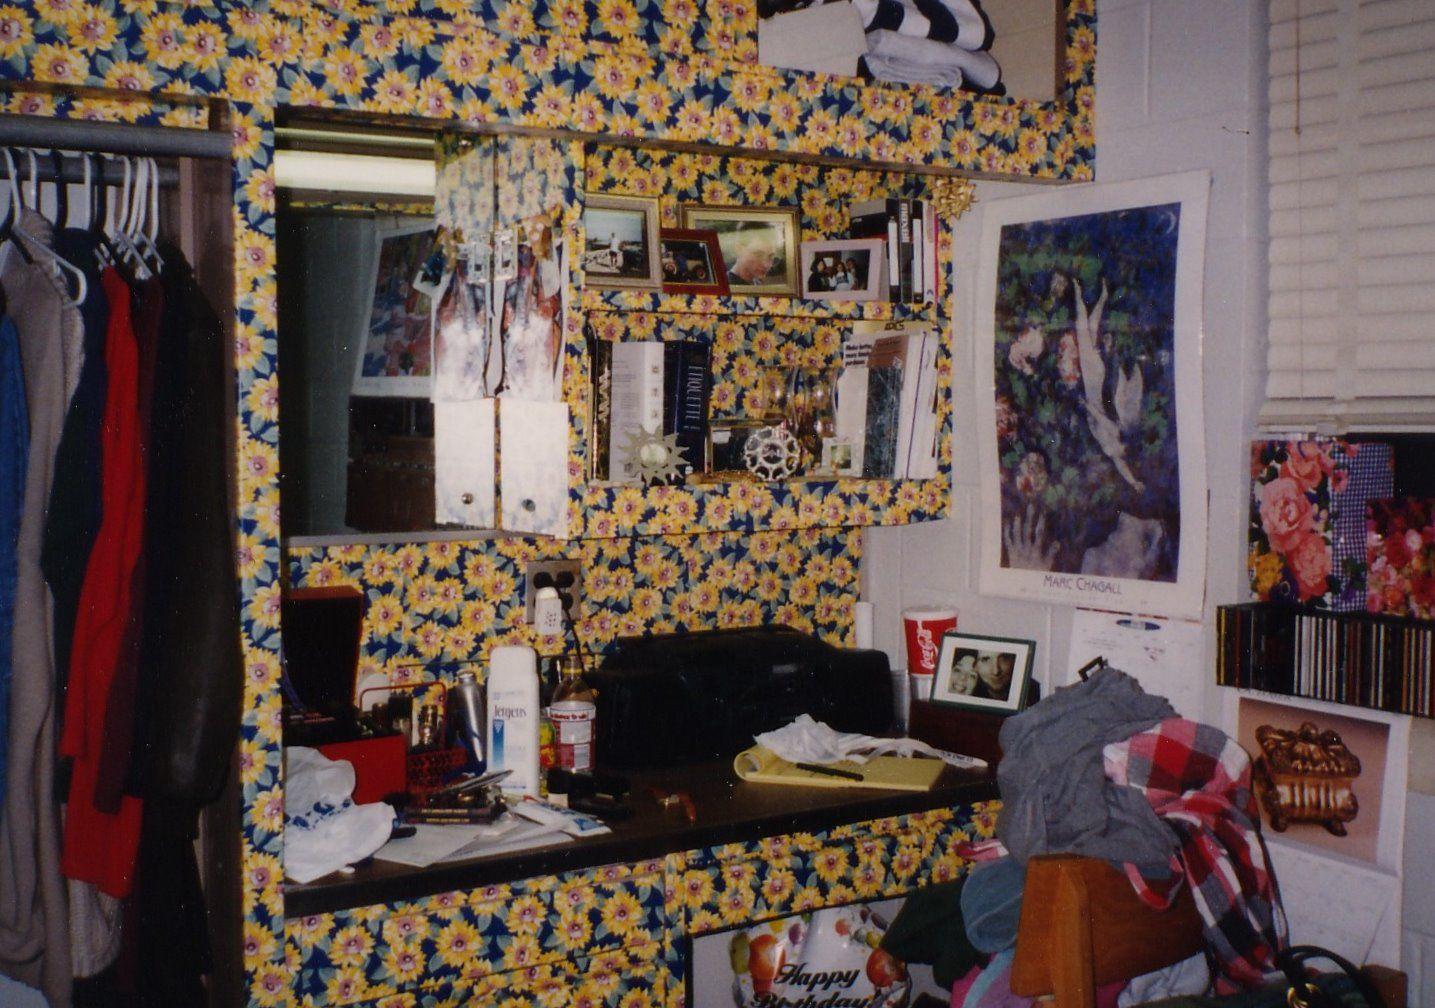 Unique dorm room ideas - Wall Paper Dorm Room Gone Wrong Wallpaper Dorm